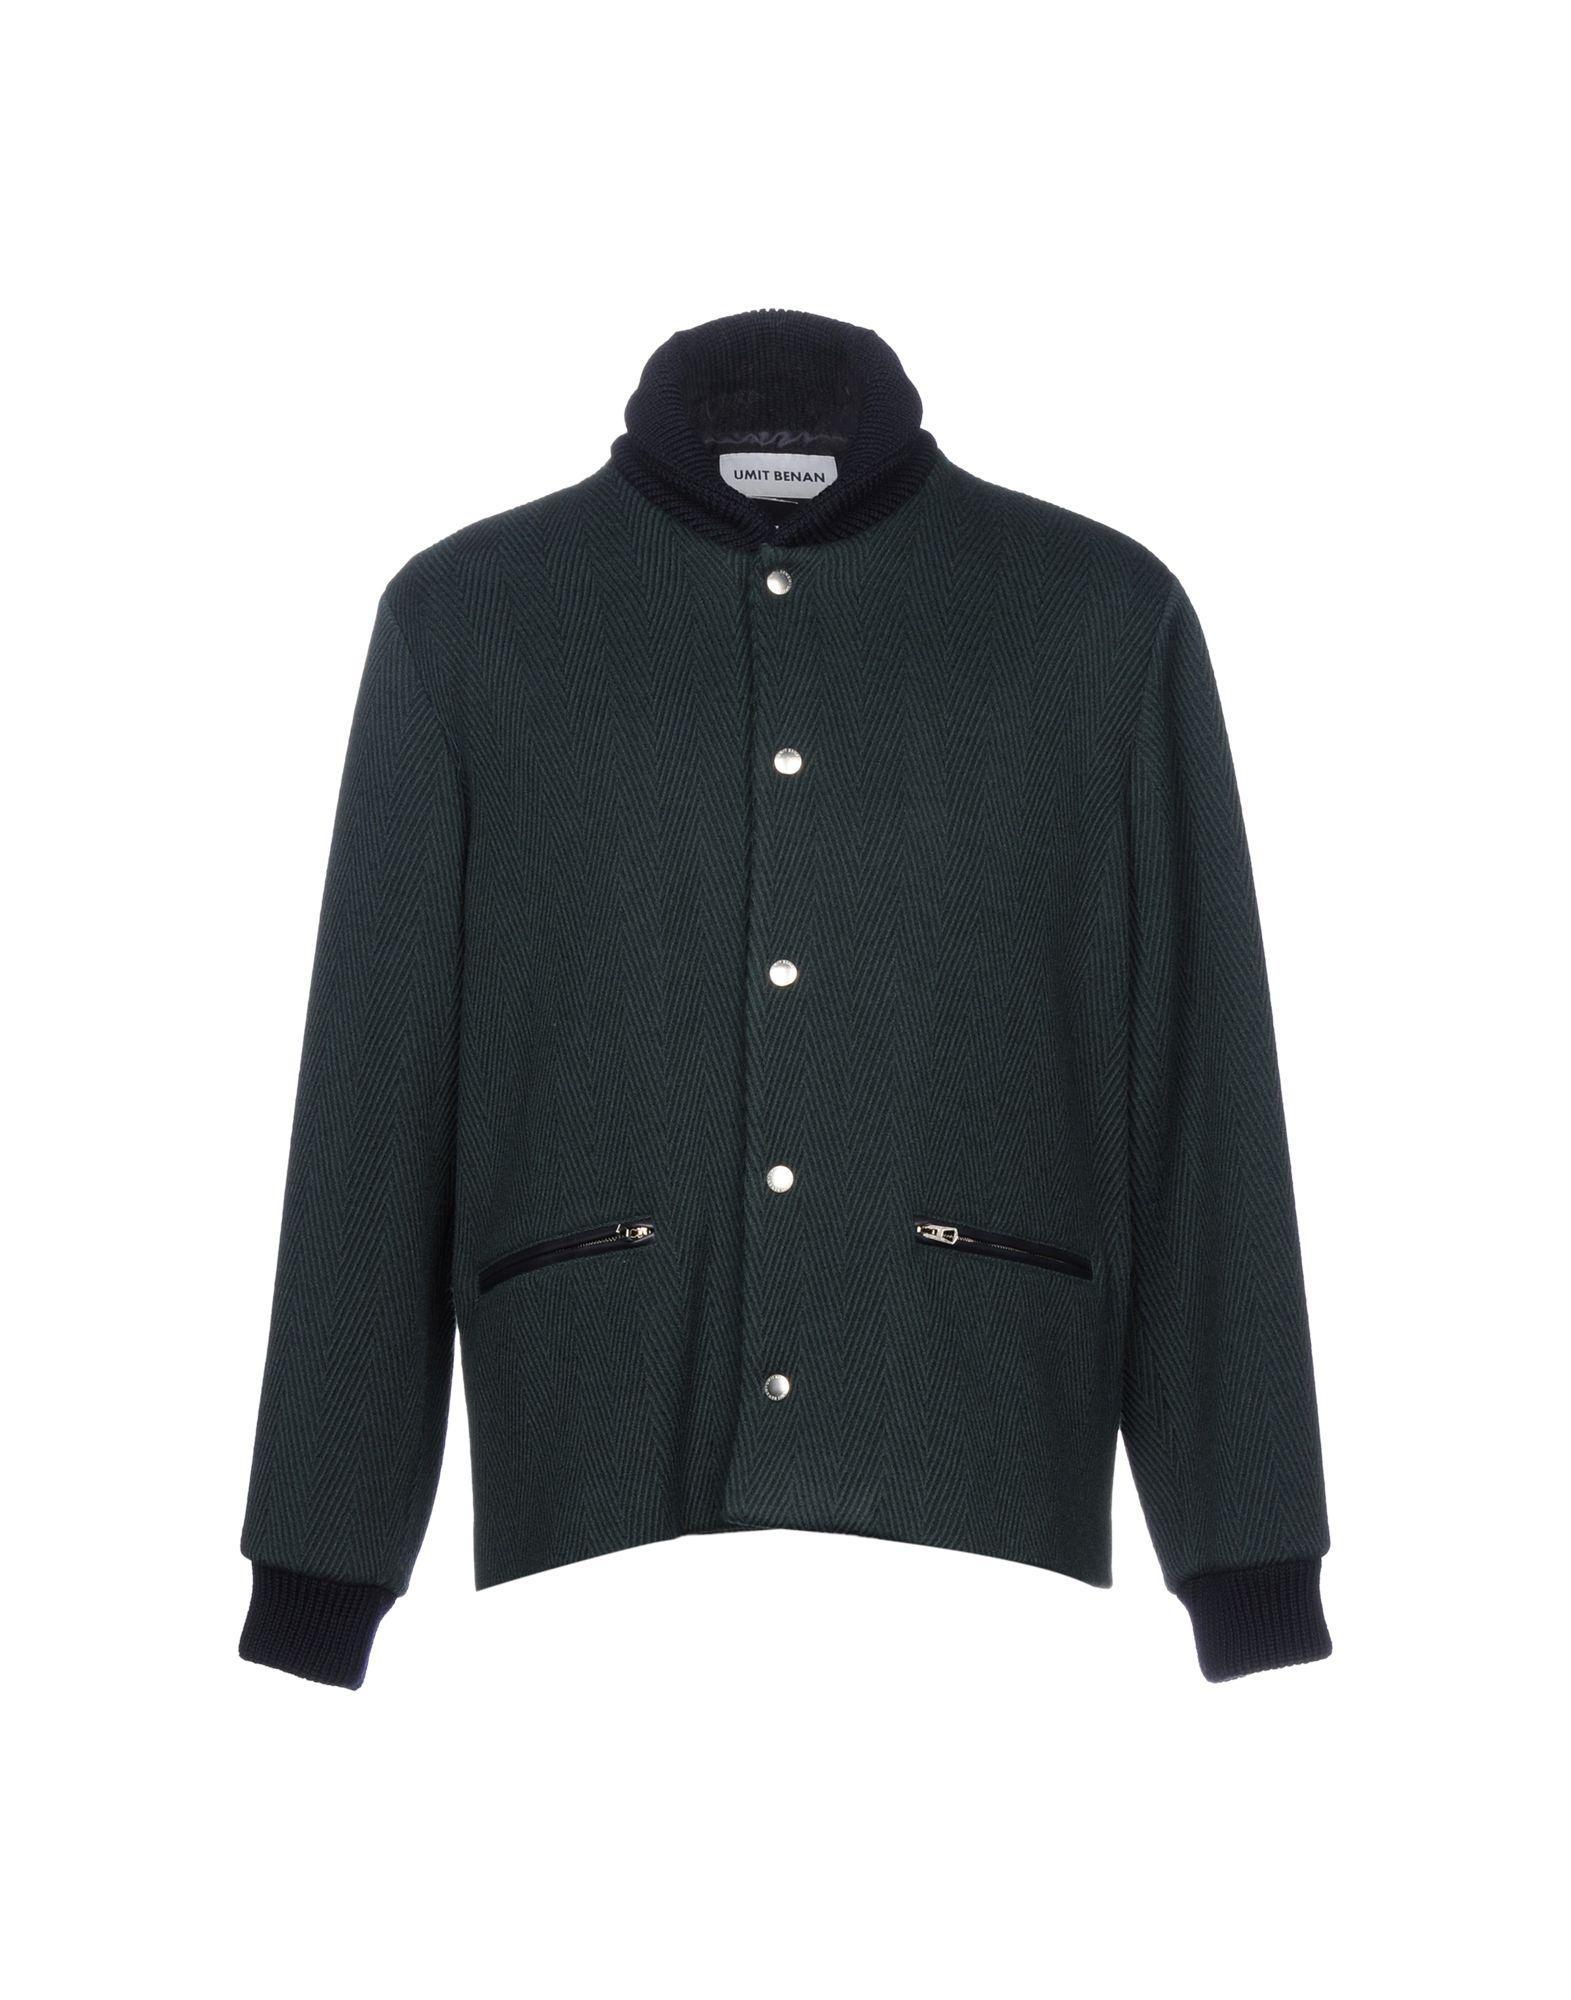 Umit Benan Jackets In Dark Green